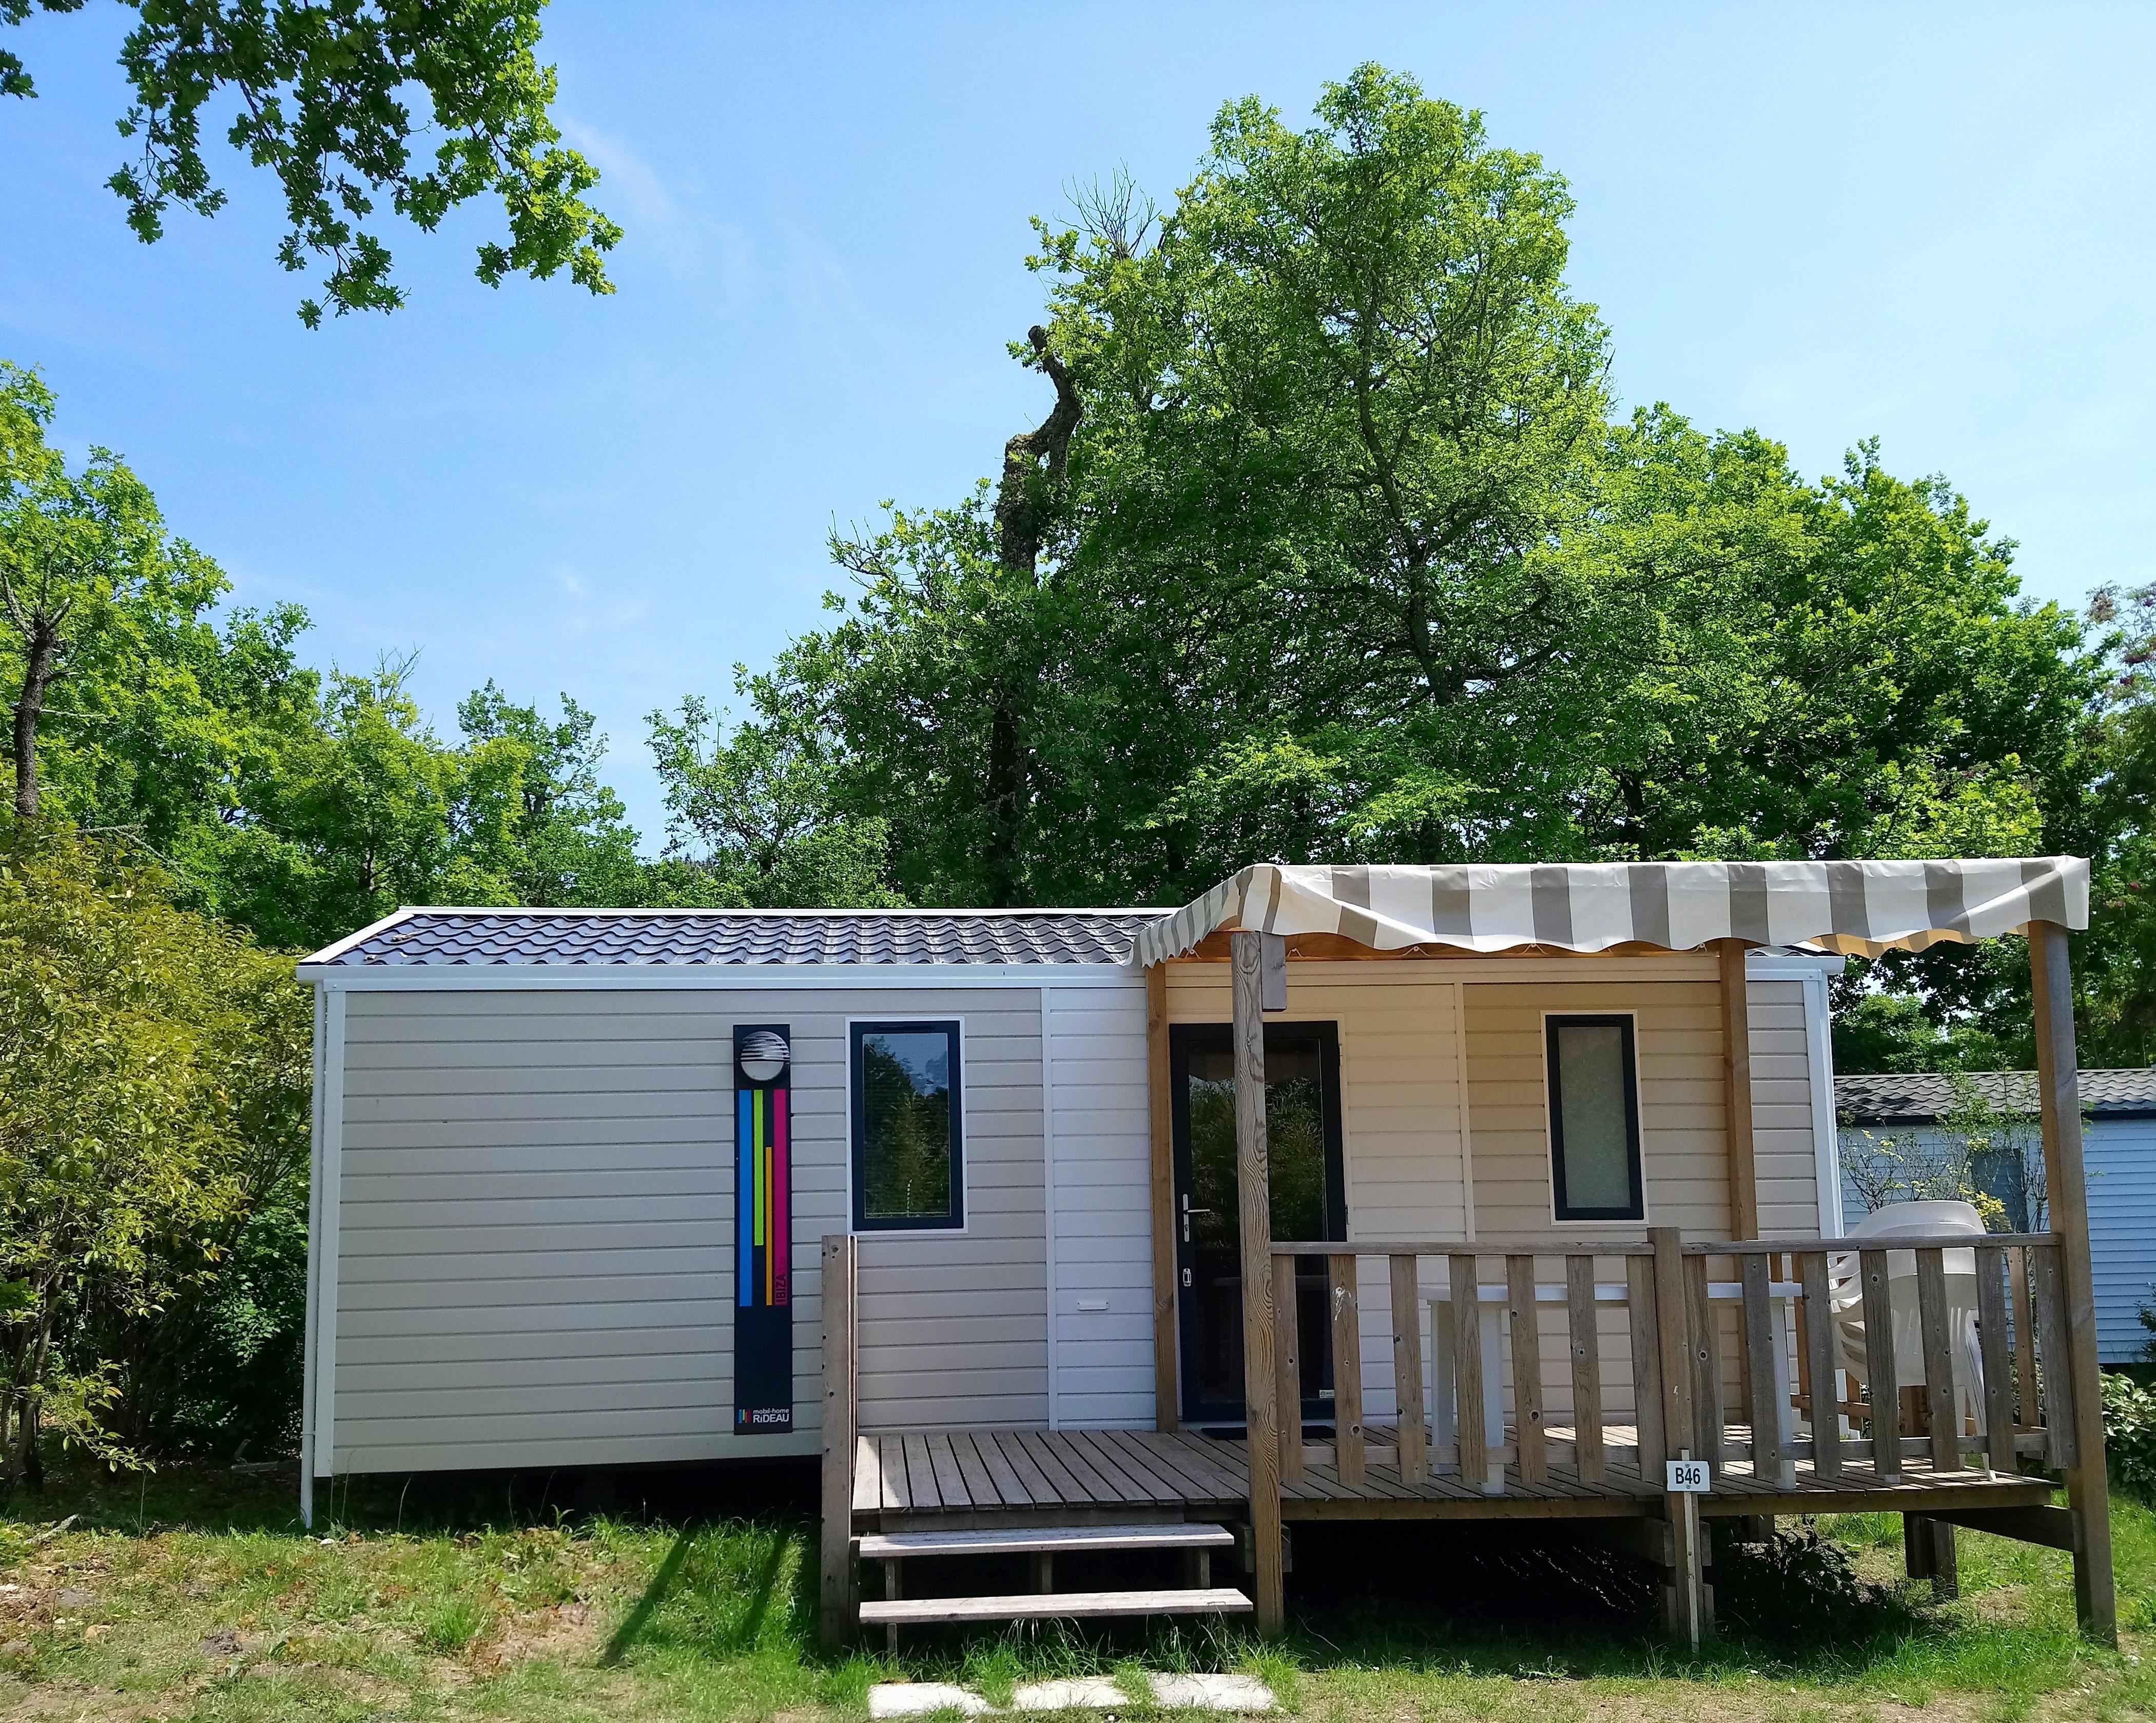 Mobil-home Confort+ 26m² - 2 chambres + TV + terrasse en bois semi couverte